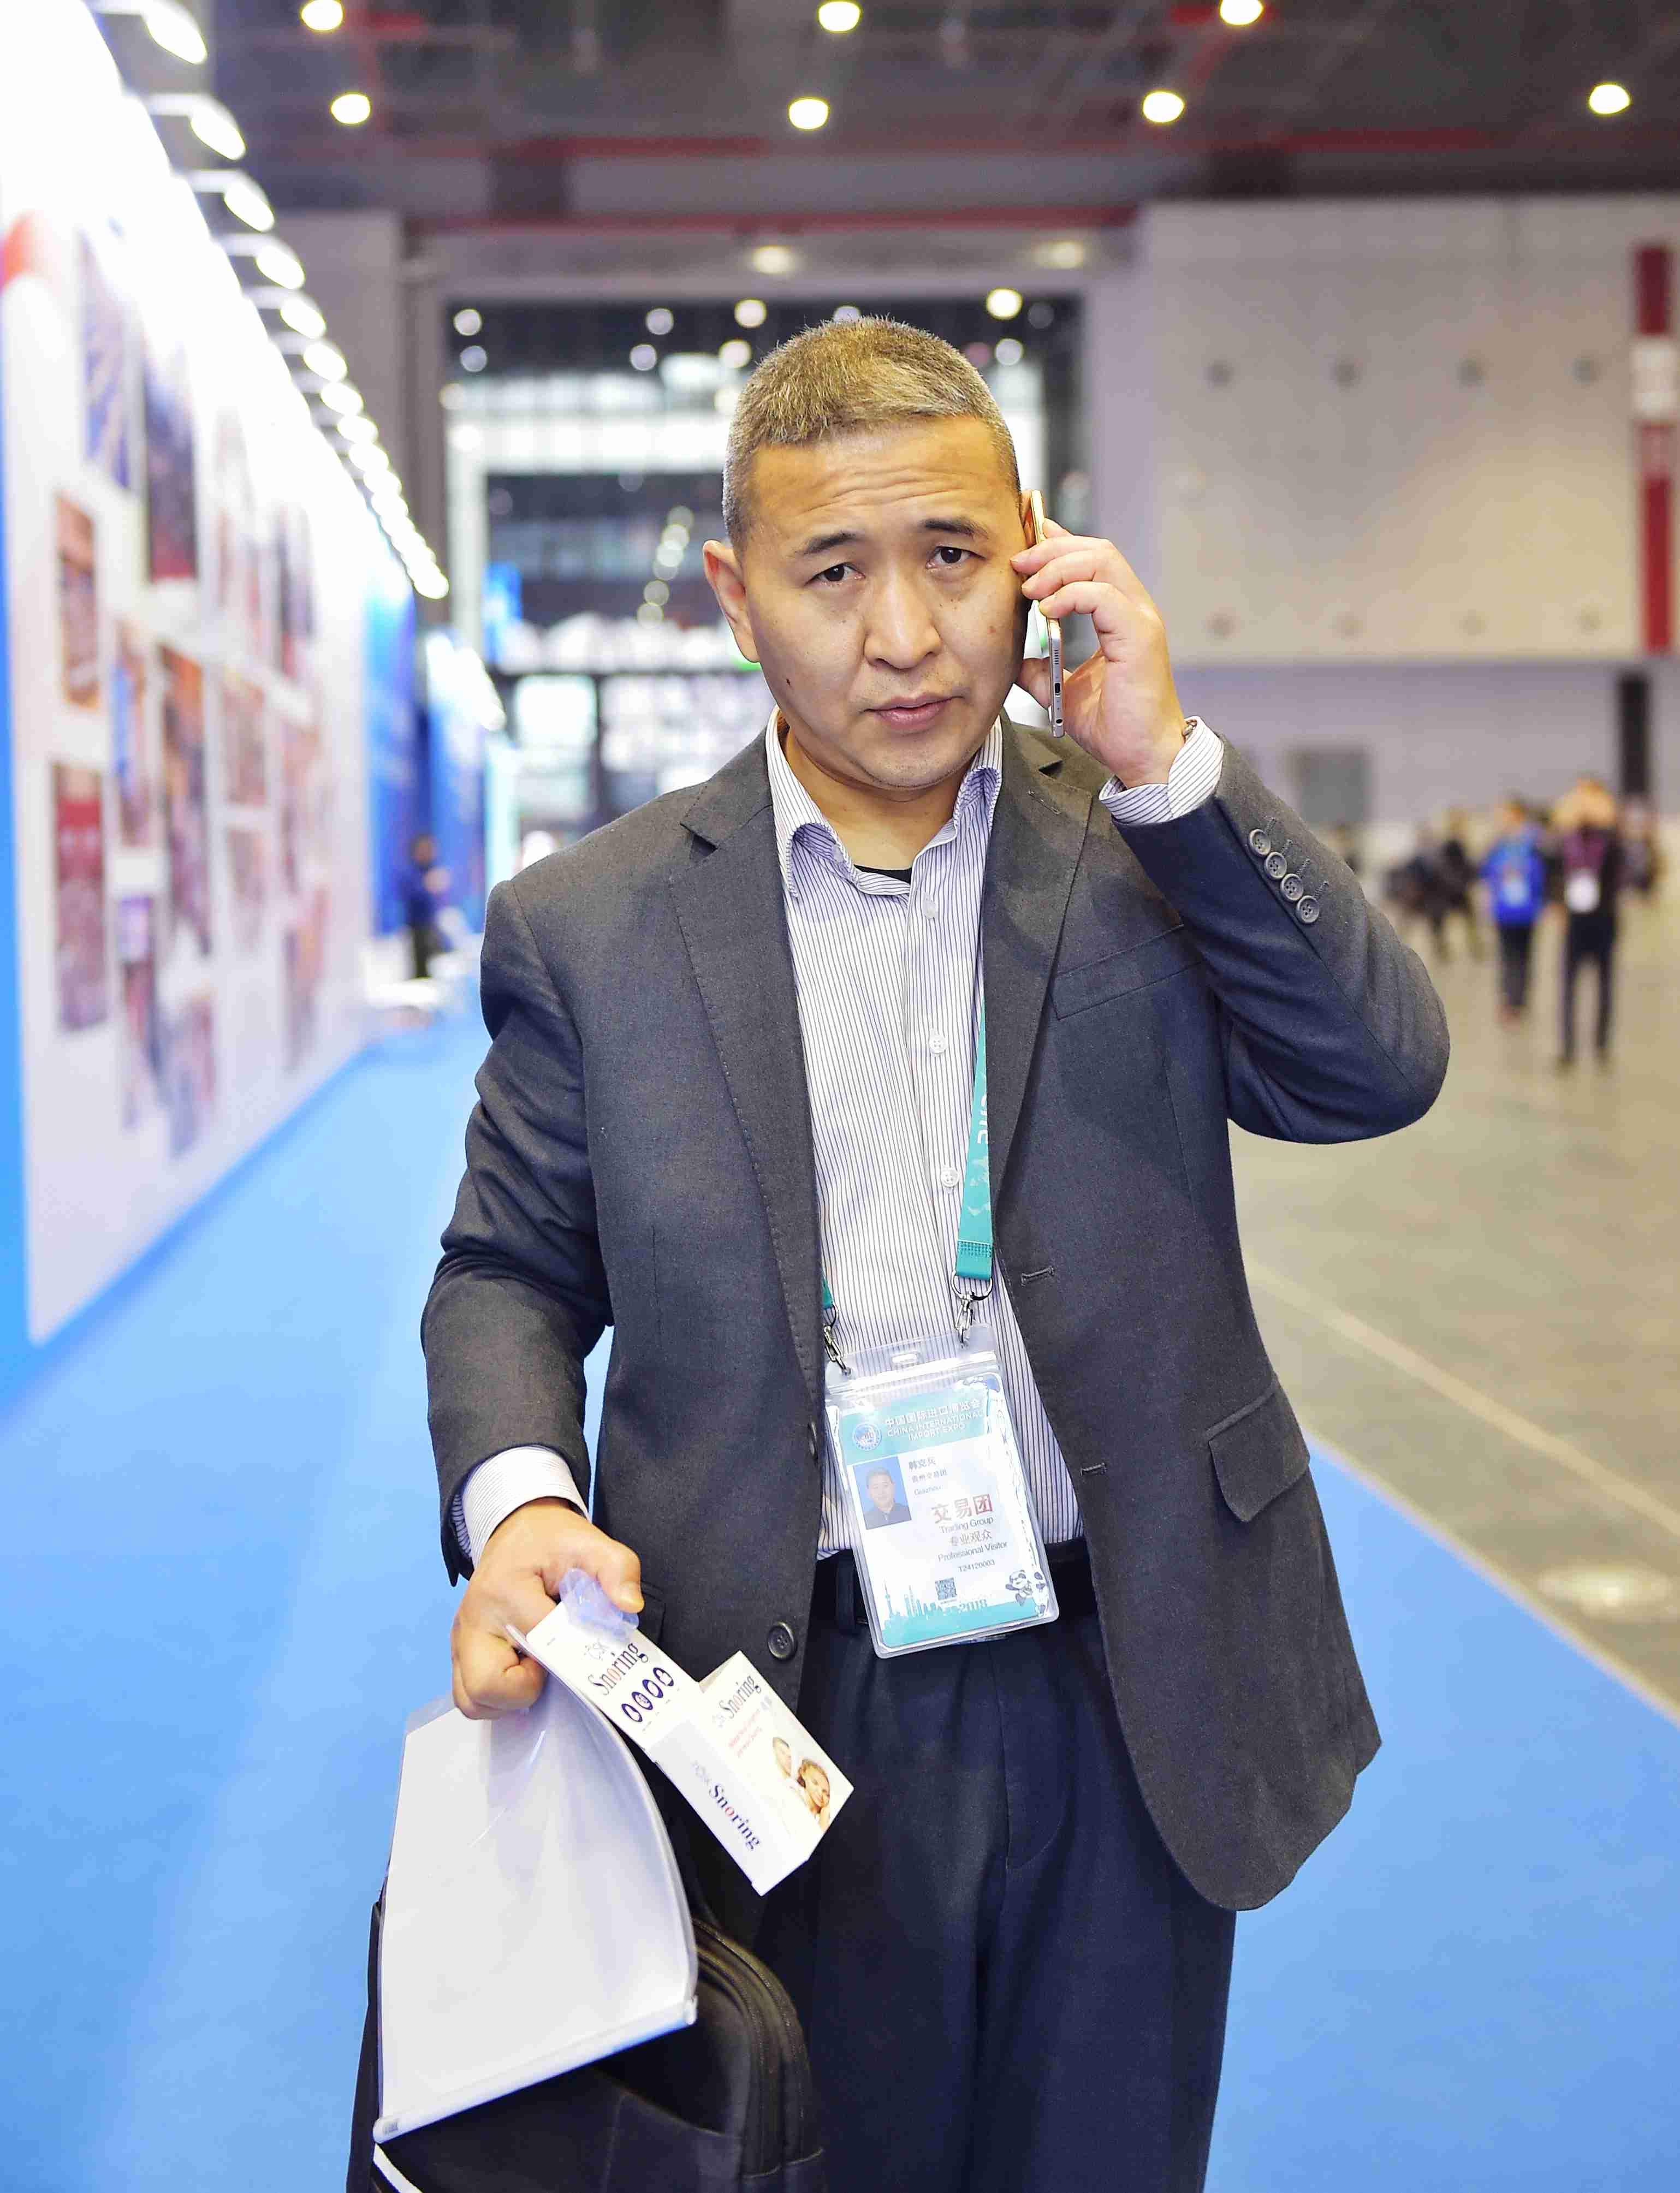 2  ZKS_2472贵州金玖生物技术有限公司董事长韩克兵联系客商洽谈。当代贵州融媒体记者 张凯 摄.JPG